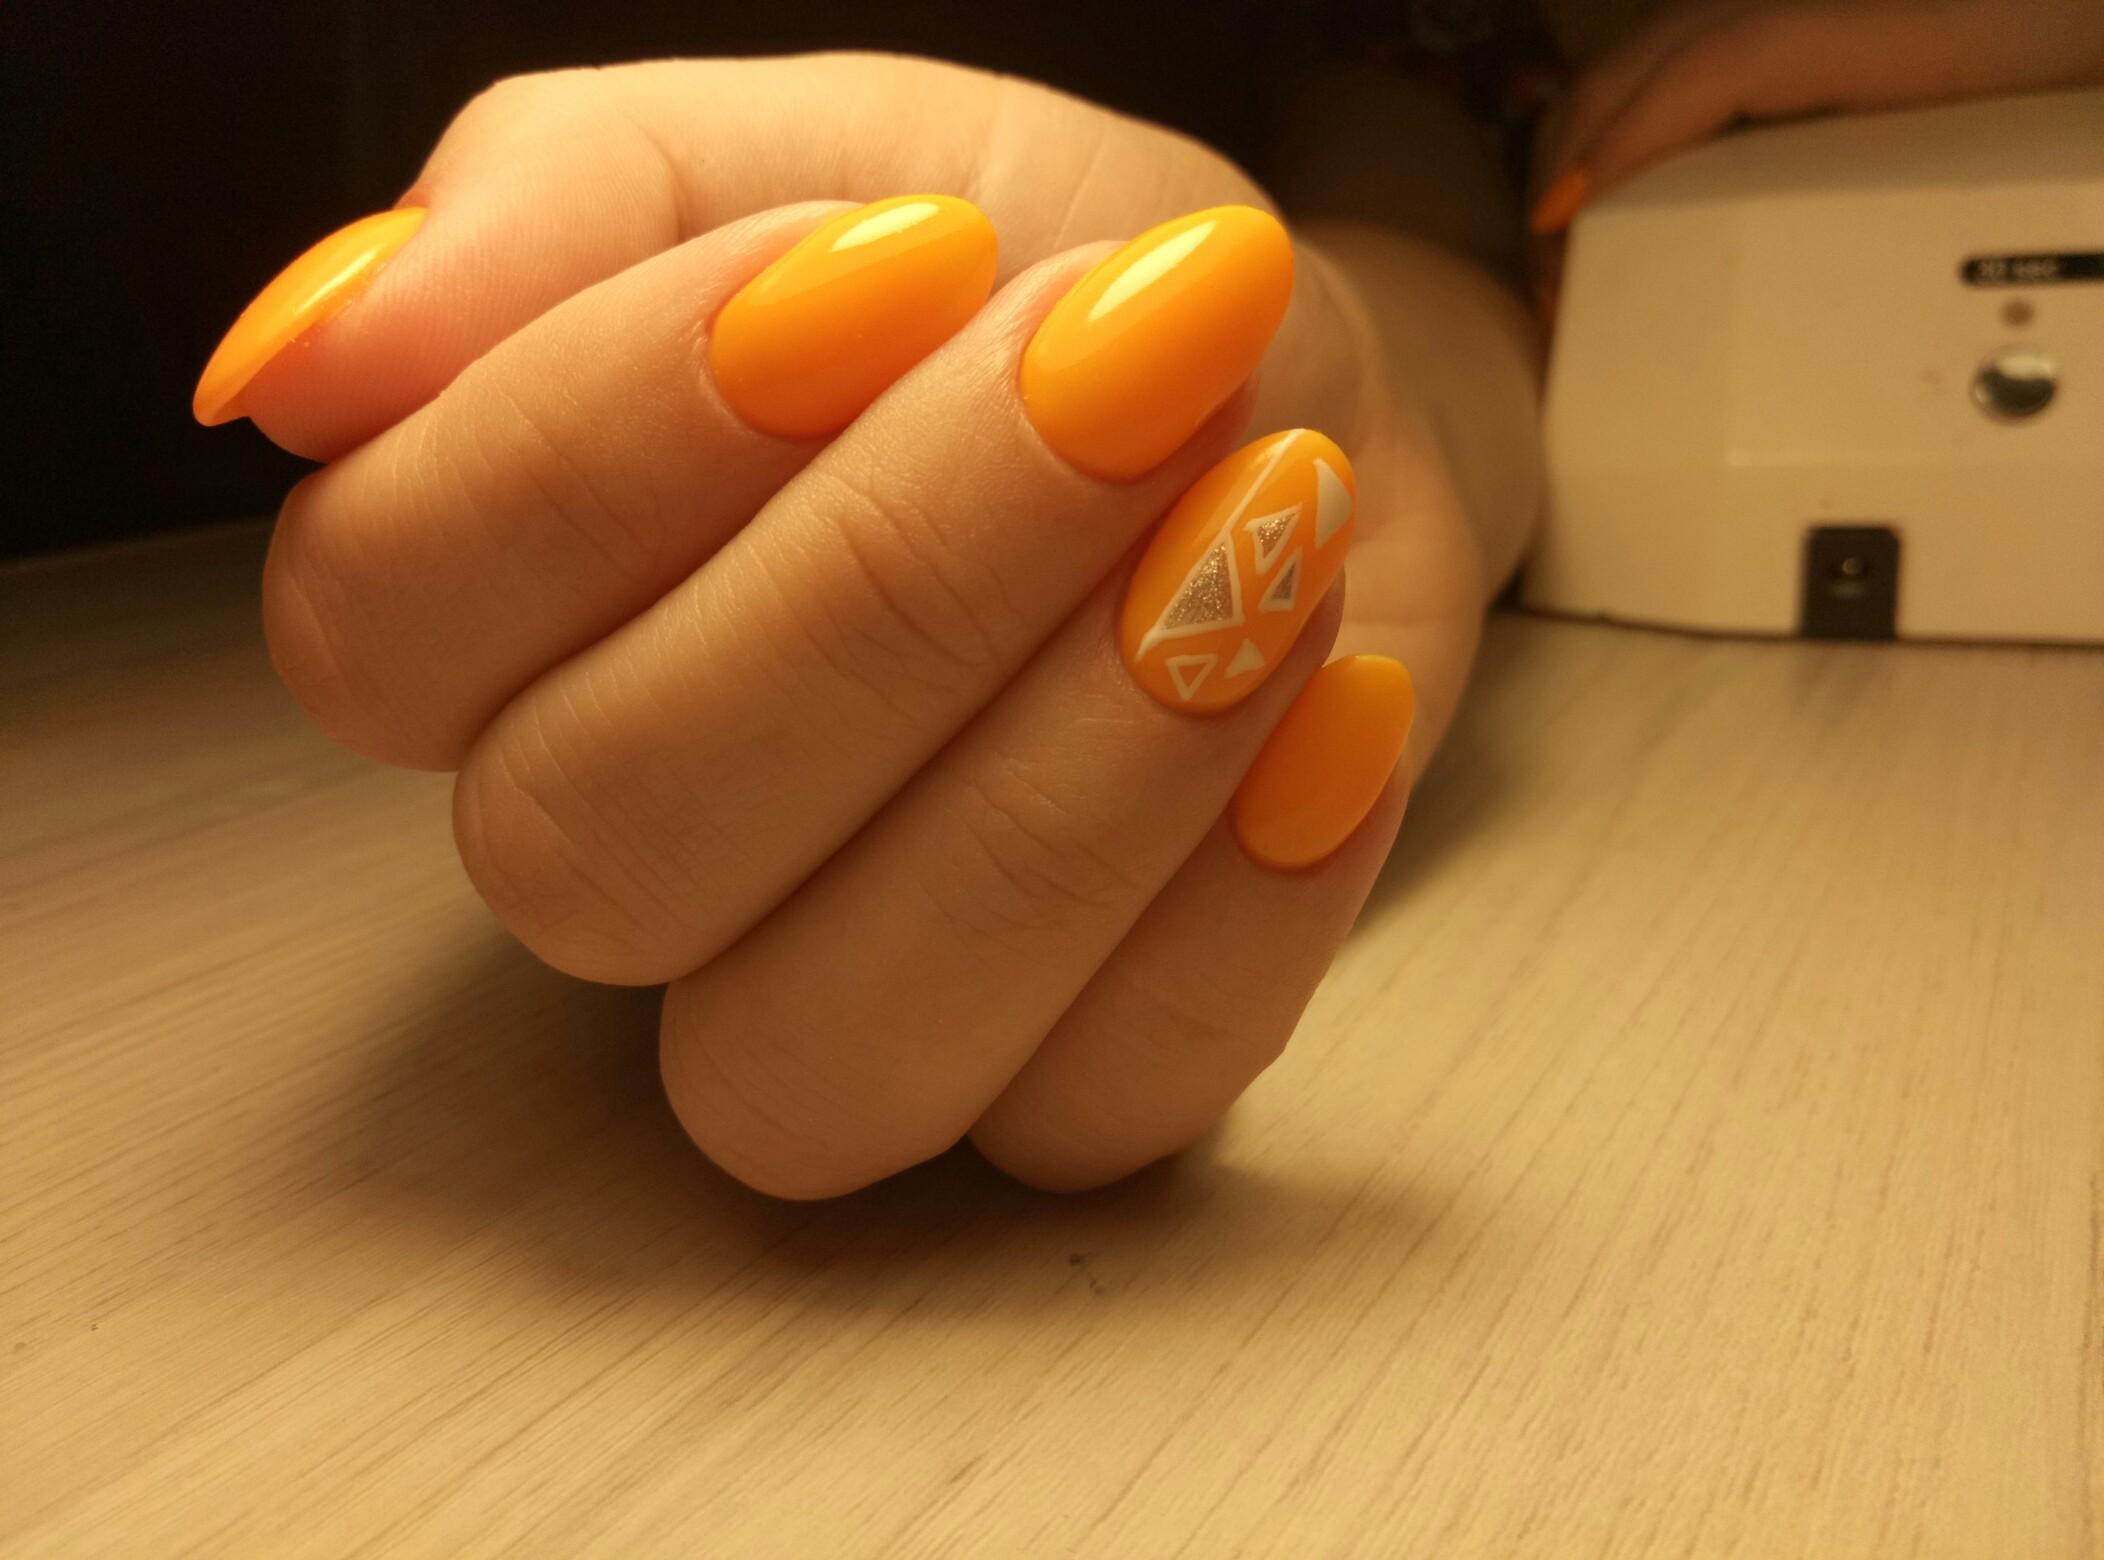 Геометрический маникюр в оранжевом цвете.